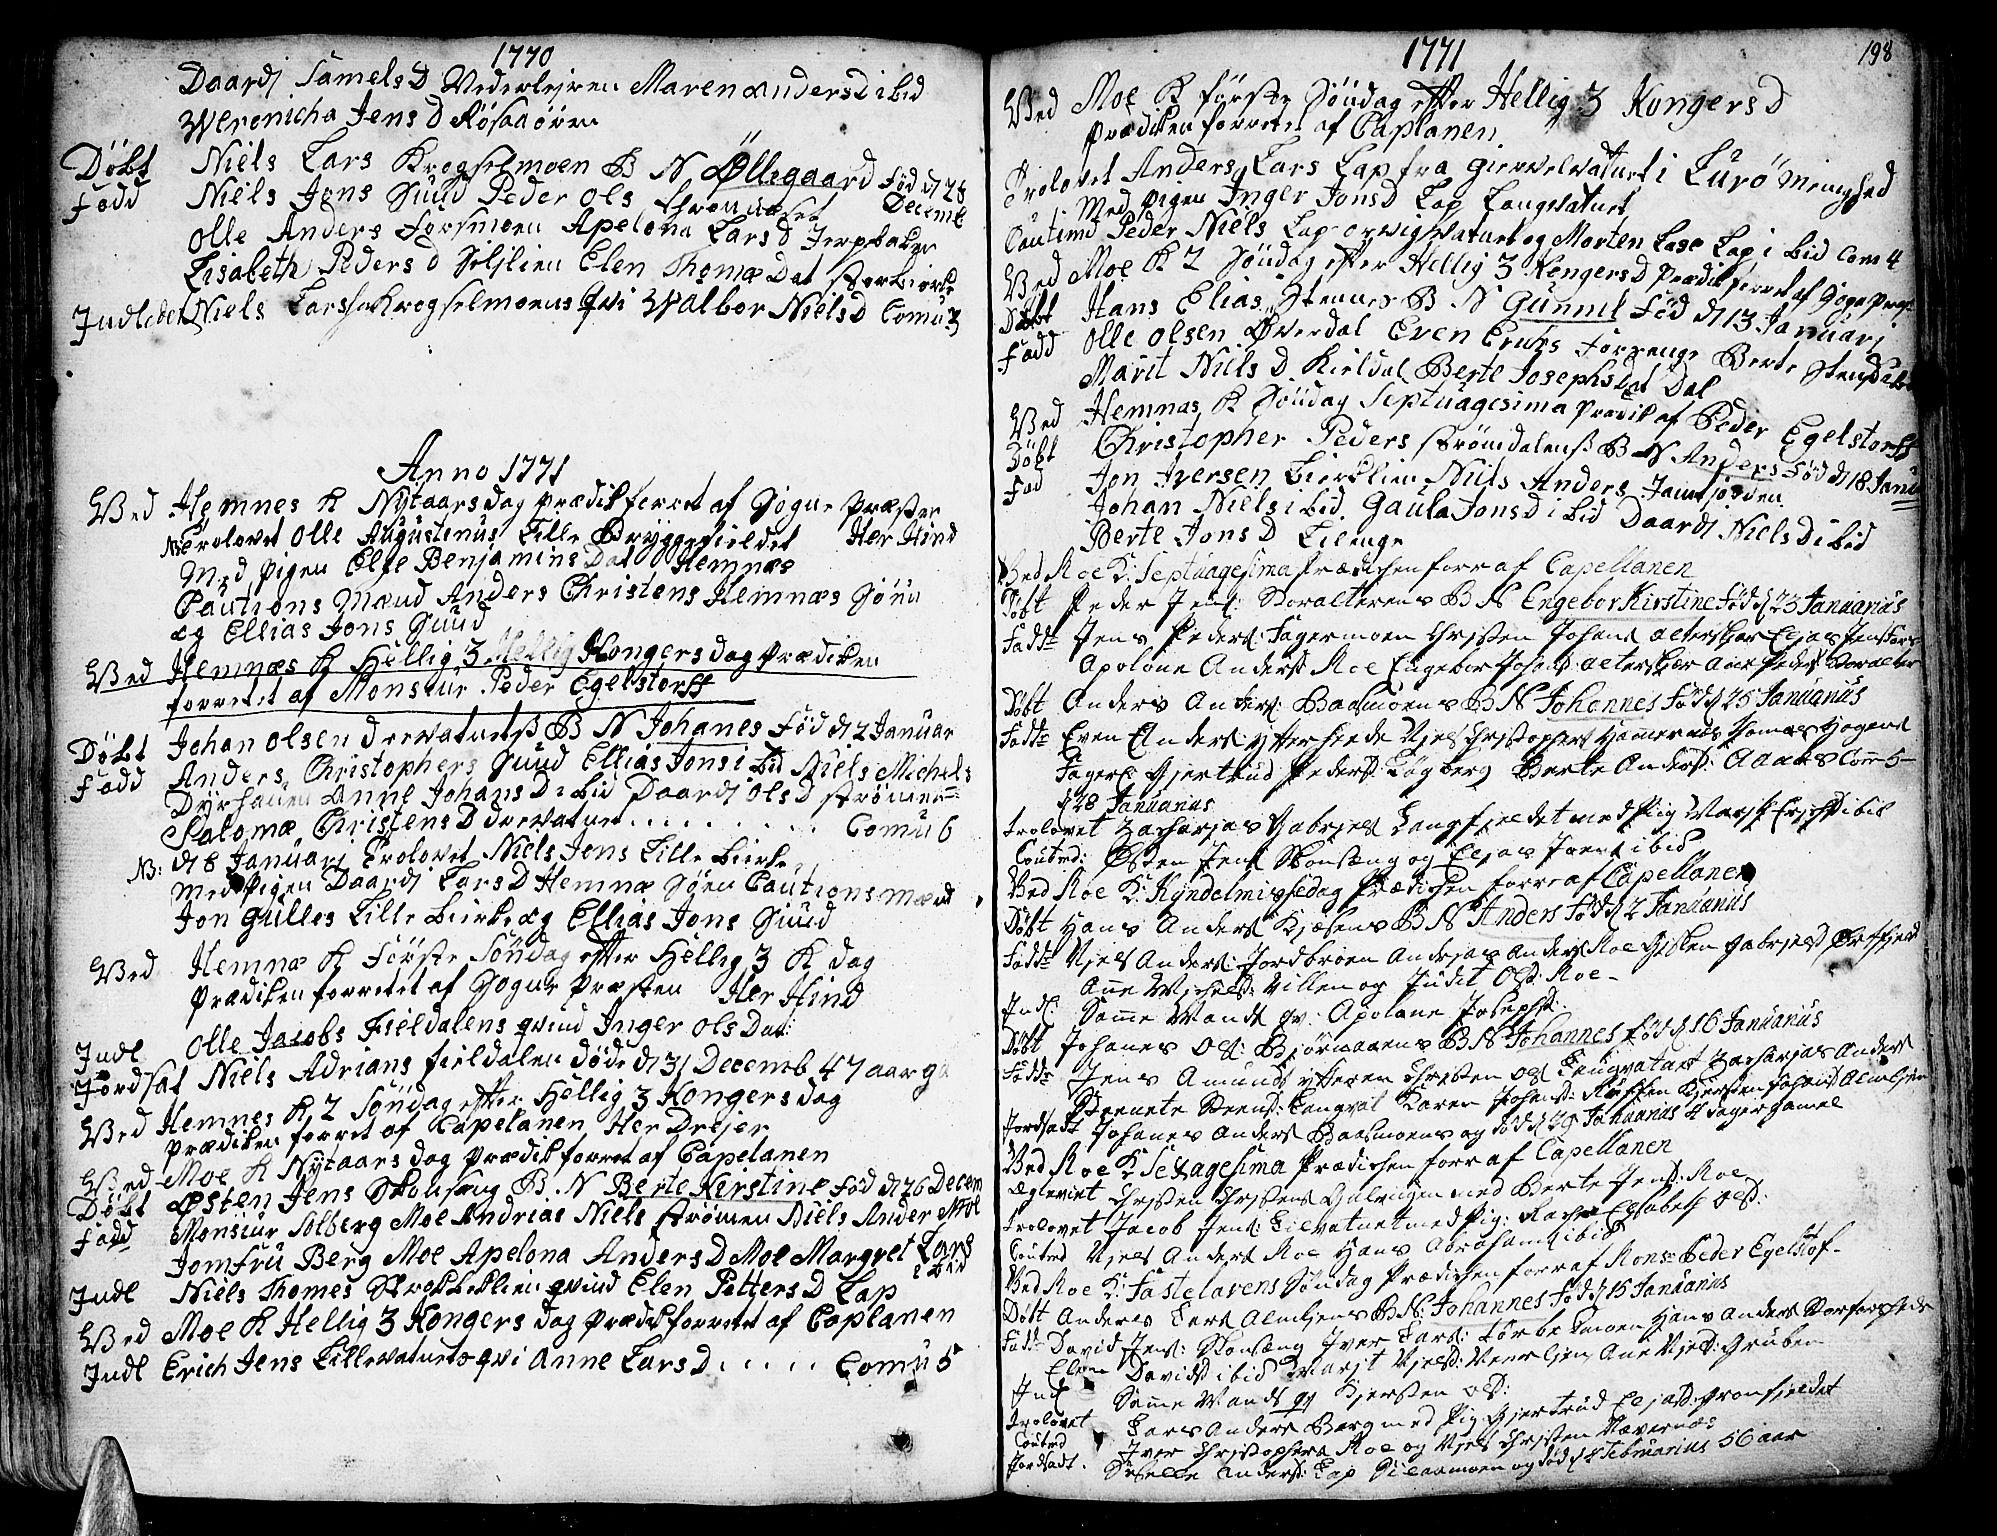 SAT, Ministerialprotokoller, klokkerbøker og fødselsregistre - Nordland, 825/L0348: Parish register (official) no. 825A04, 1752-1788, p. 198